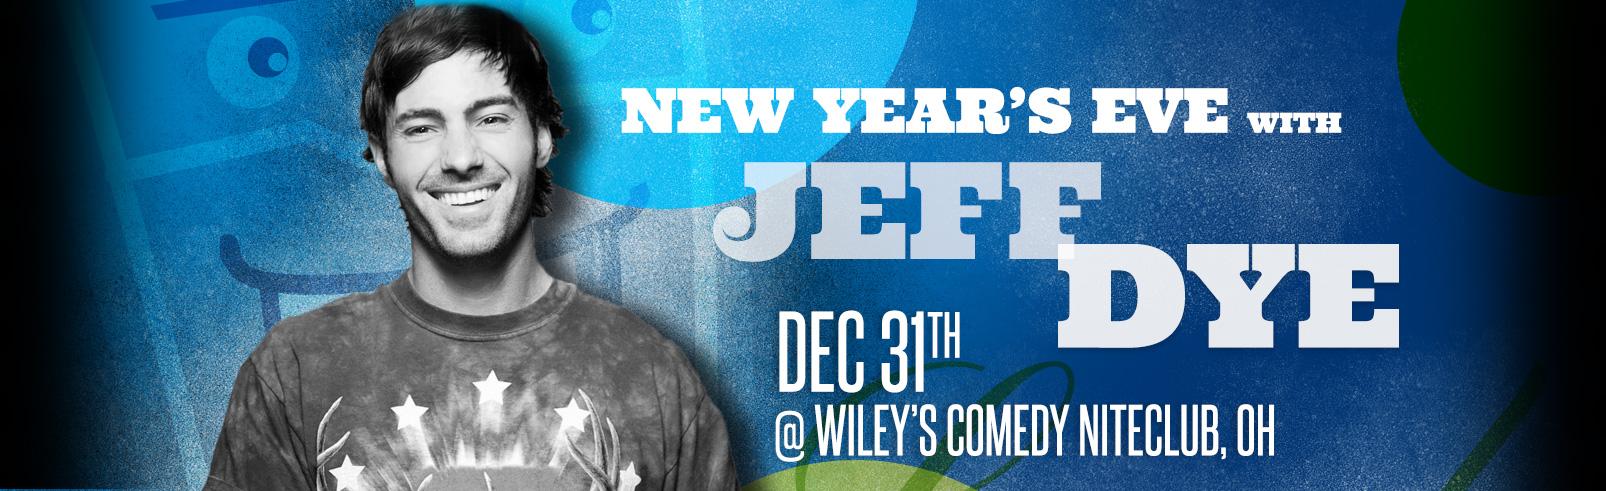 Jeff Dye @ Wiley's Comedy Niteclub